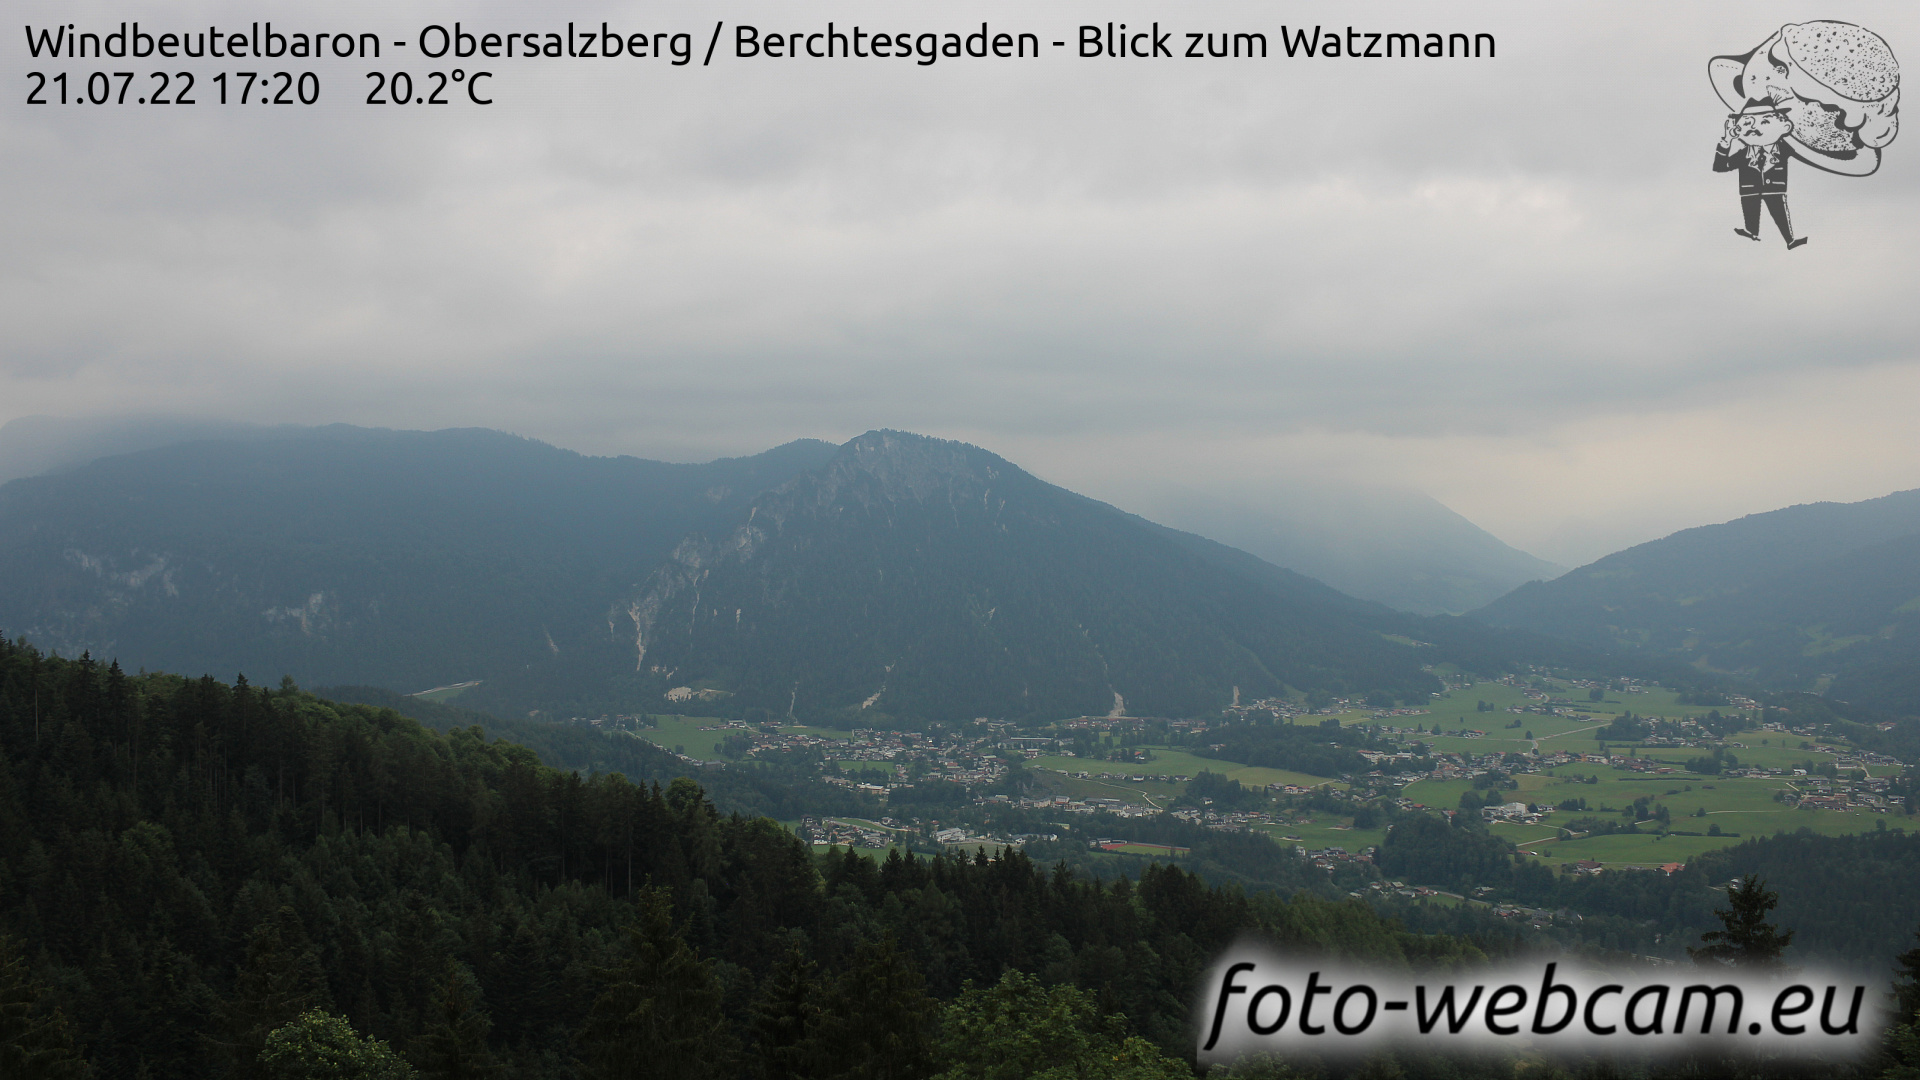 Berchtesgaden Sat. 17:32